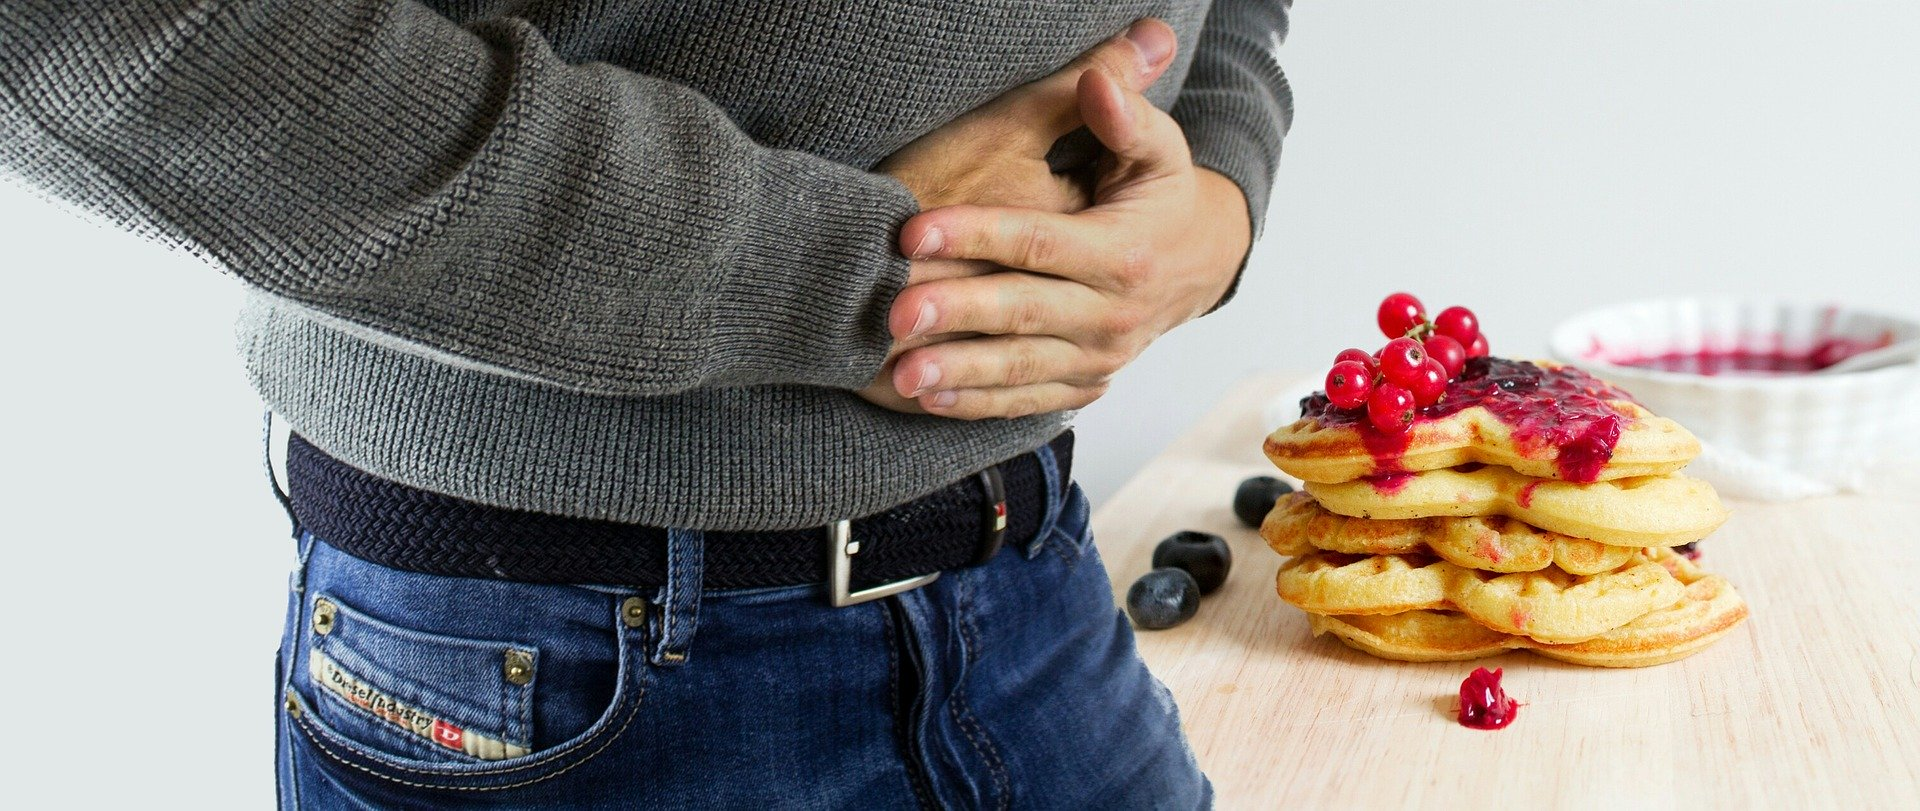 dlaczego nie należy lekceważyć alergii pokarmowej